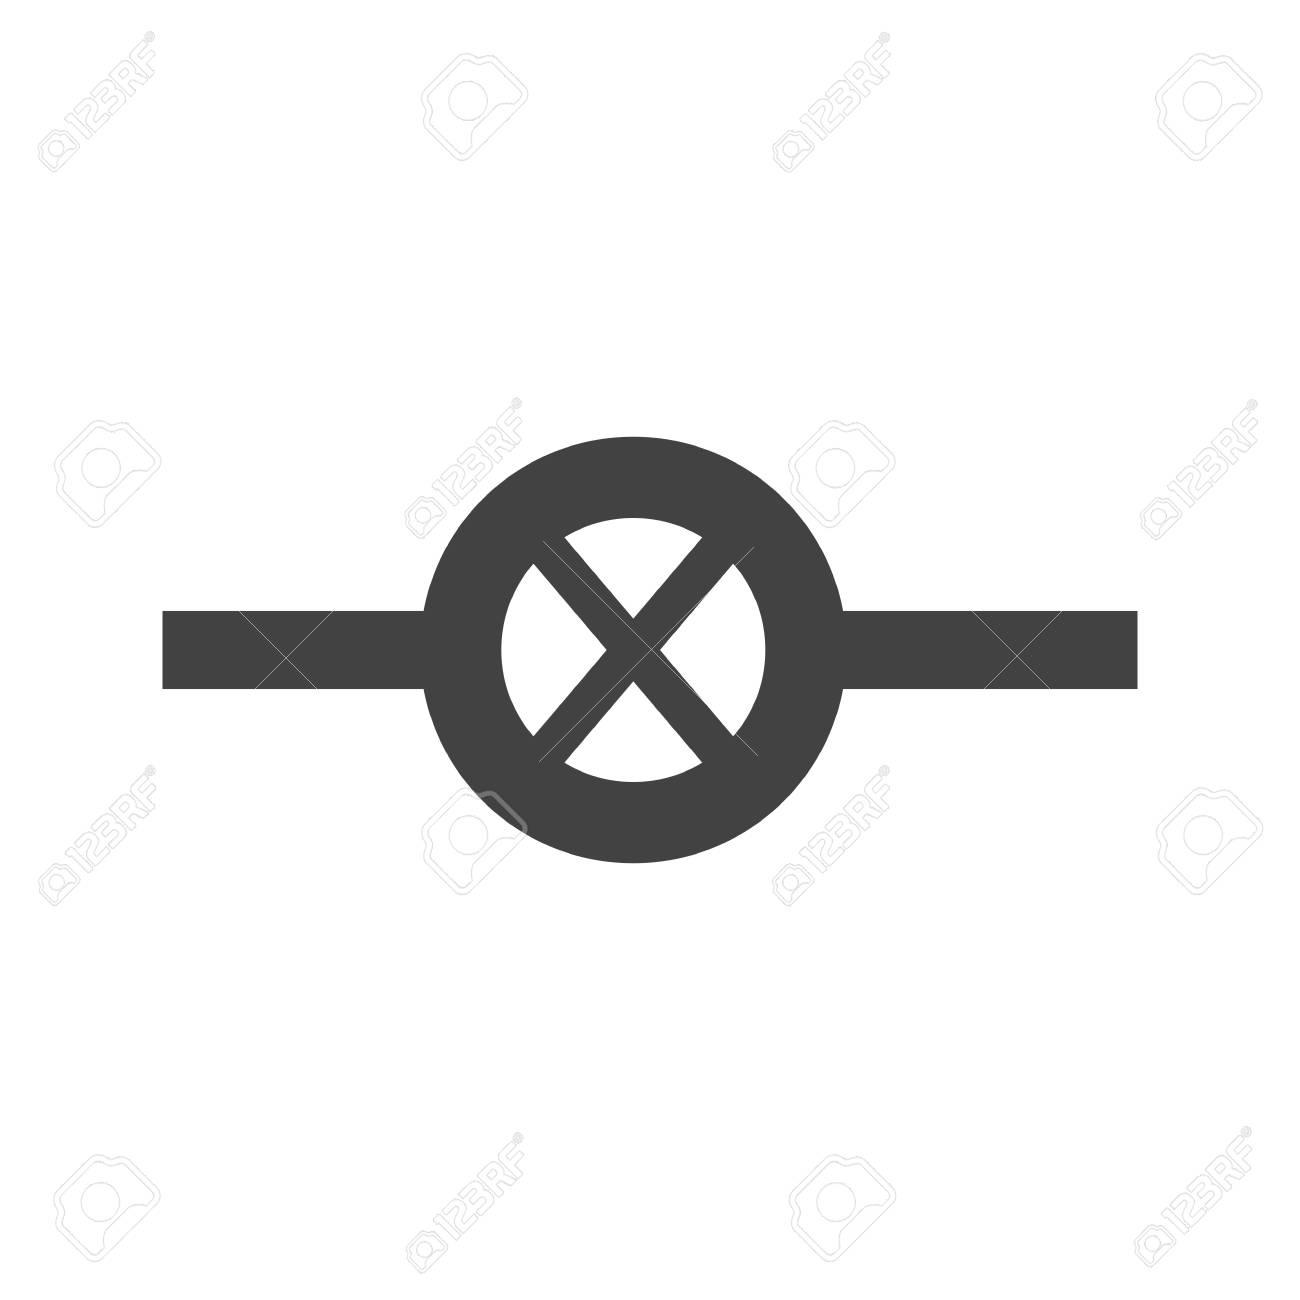 Wunderbar Symbole Die In Elektrischen Zeichnungen Verwendet Werden ...